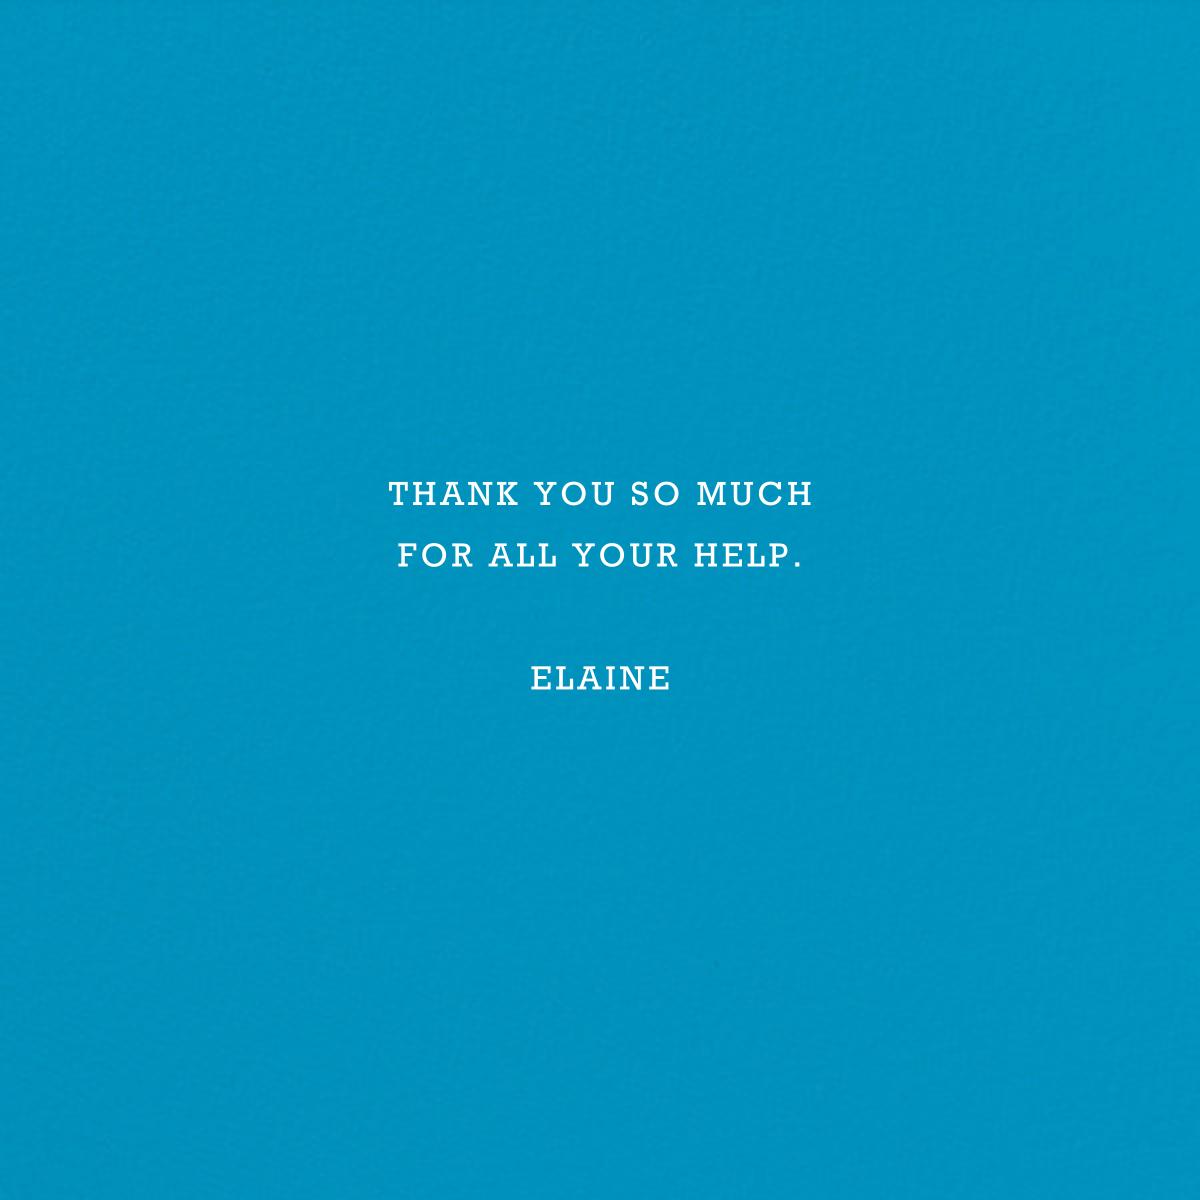 Danke - Blue - Jonathan Adler - Thank you - card back